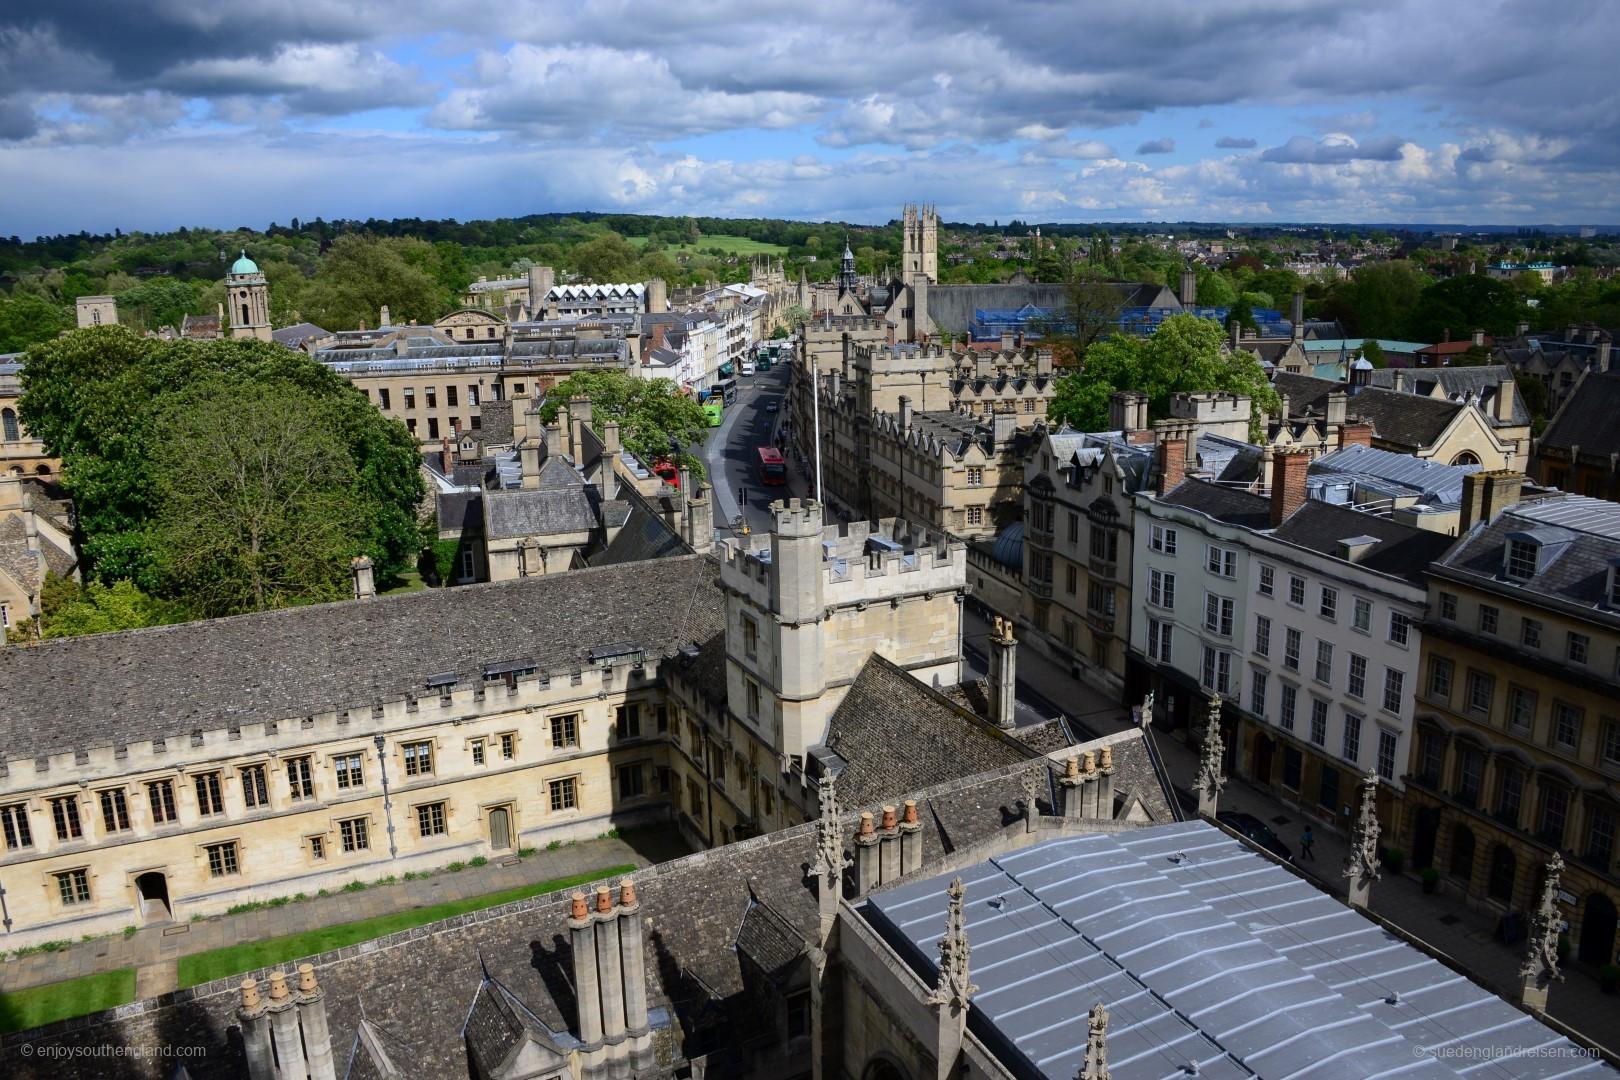 Oxford - Blick vom Kirchturm auf die Stadt